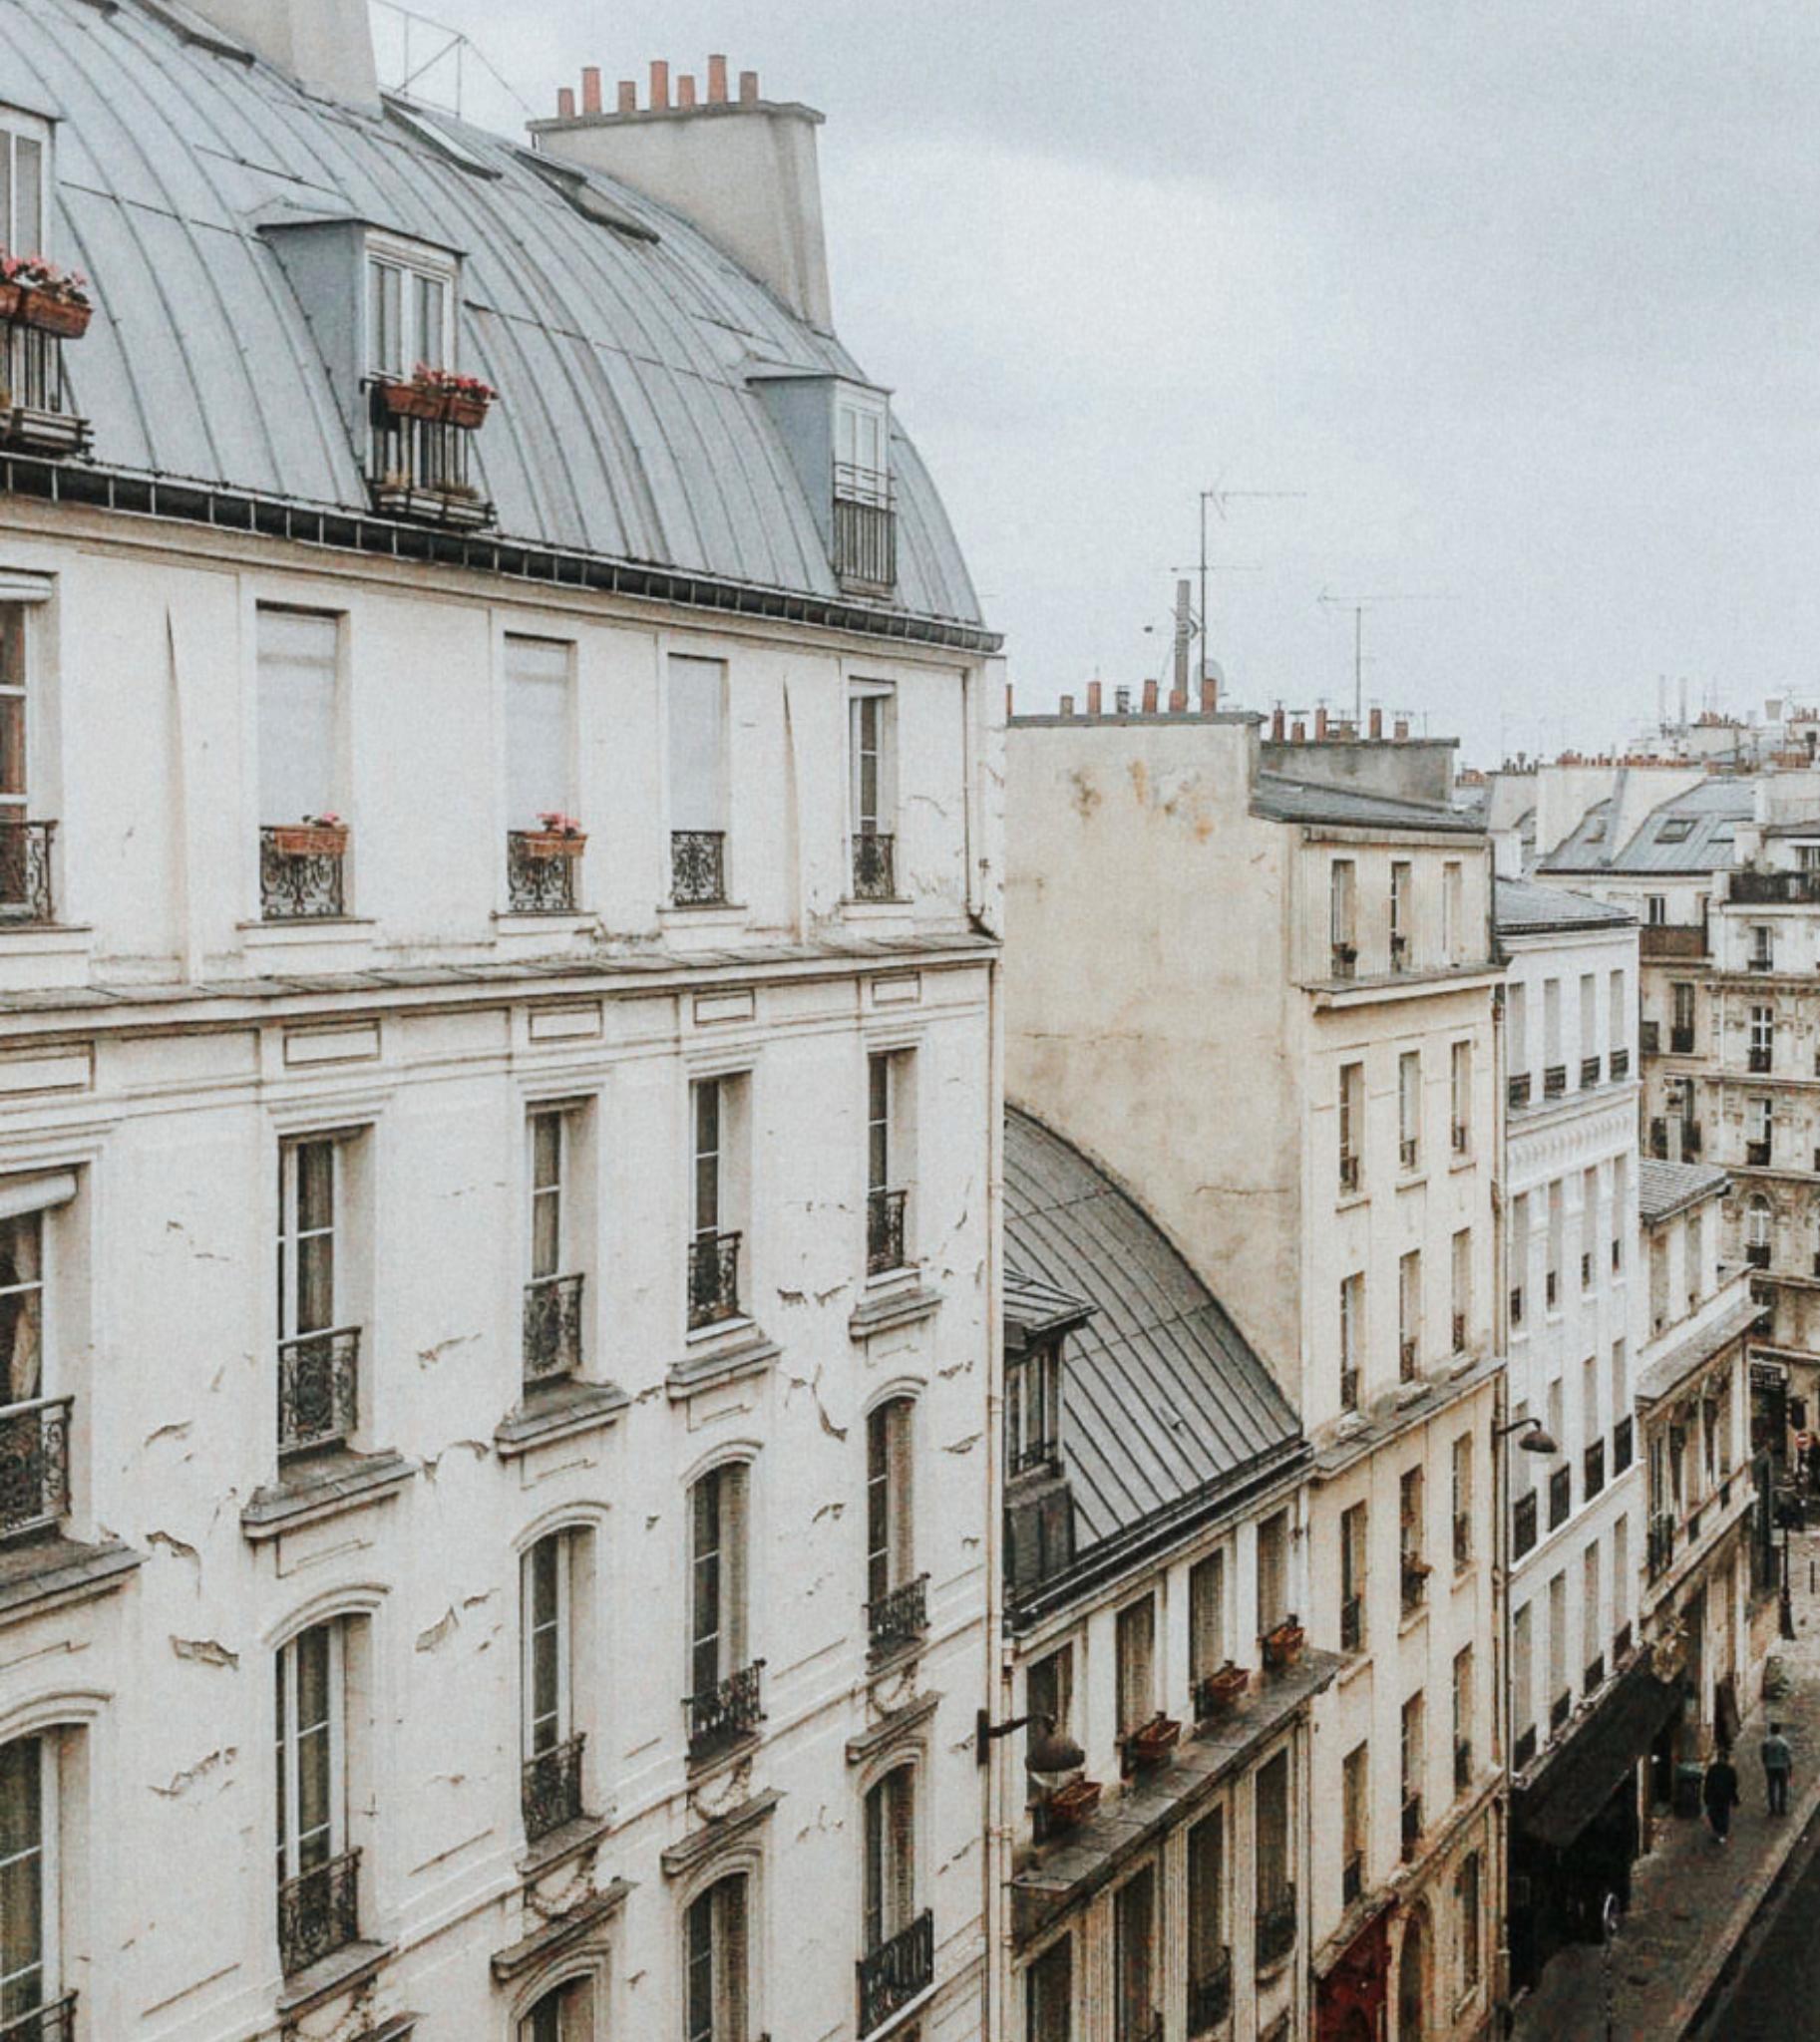 Hotel Pigalle, Paris, France.